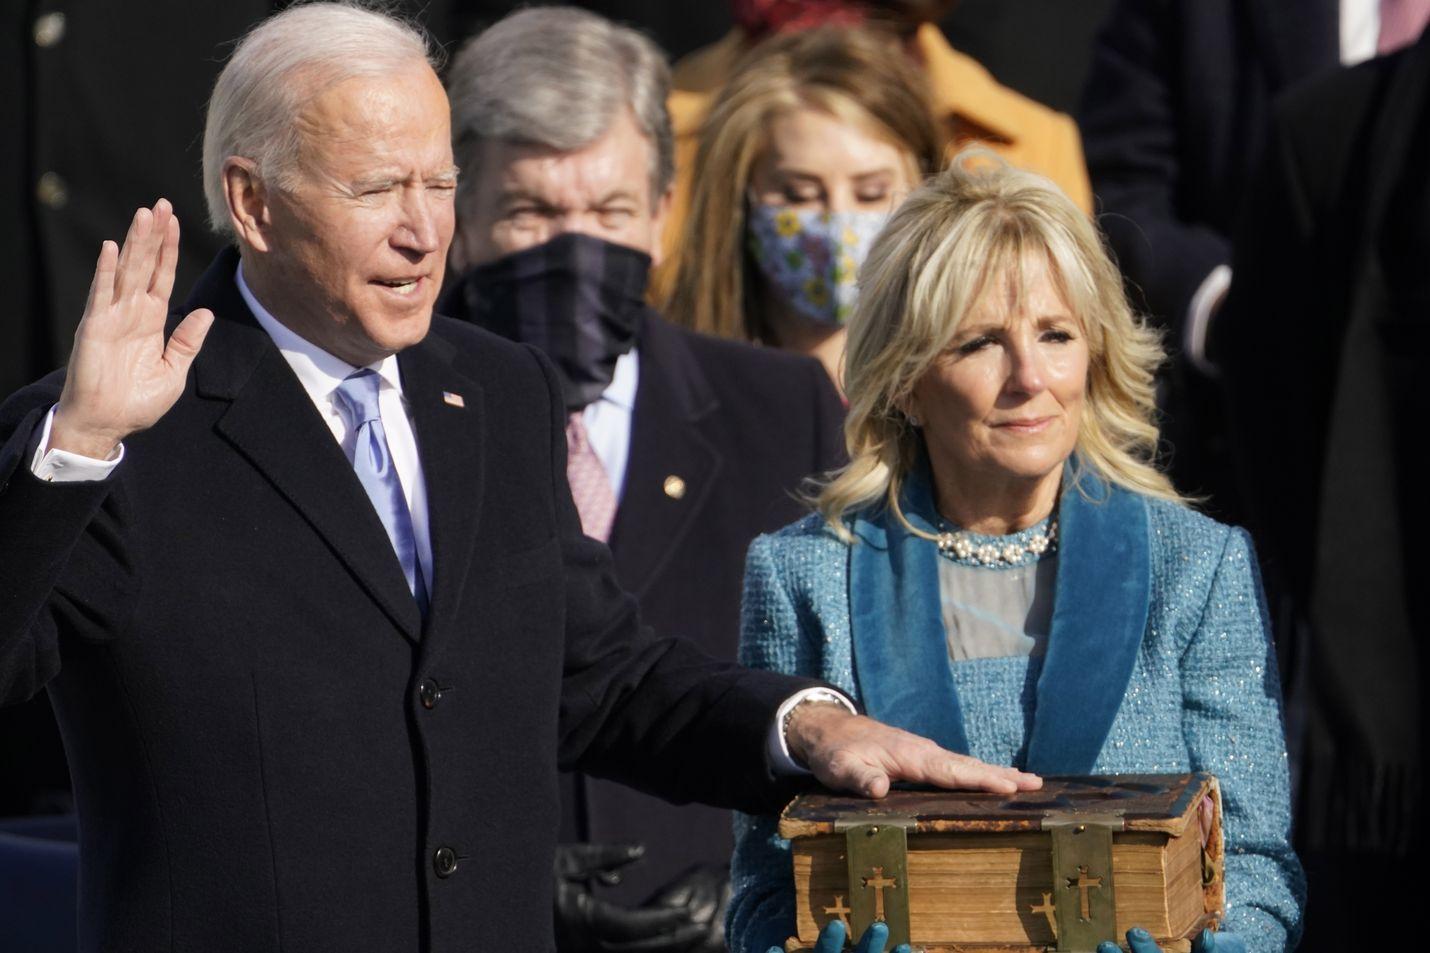 Joe Biden vannoi virkavalansa. Vieressä seisoo Jill-vaimo.